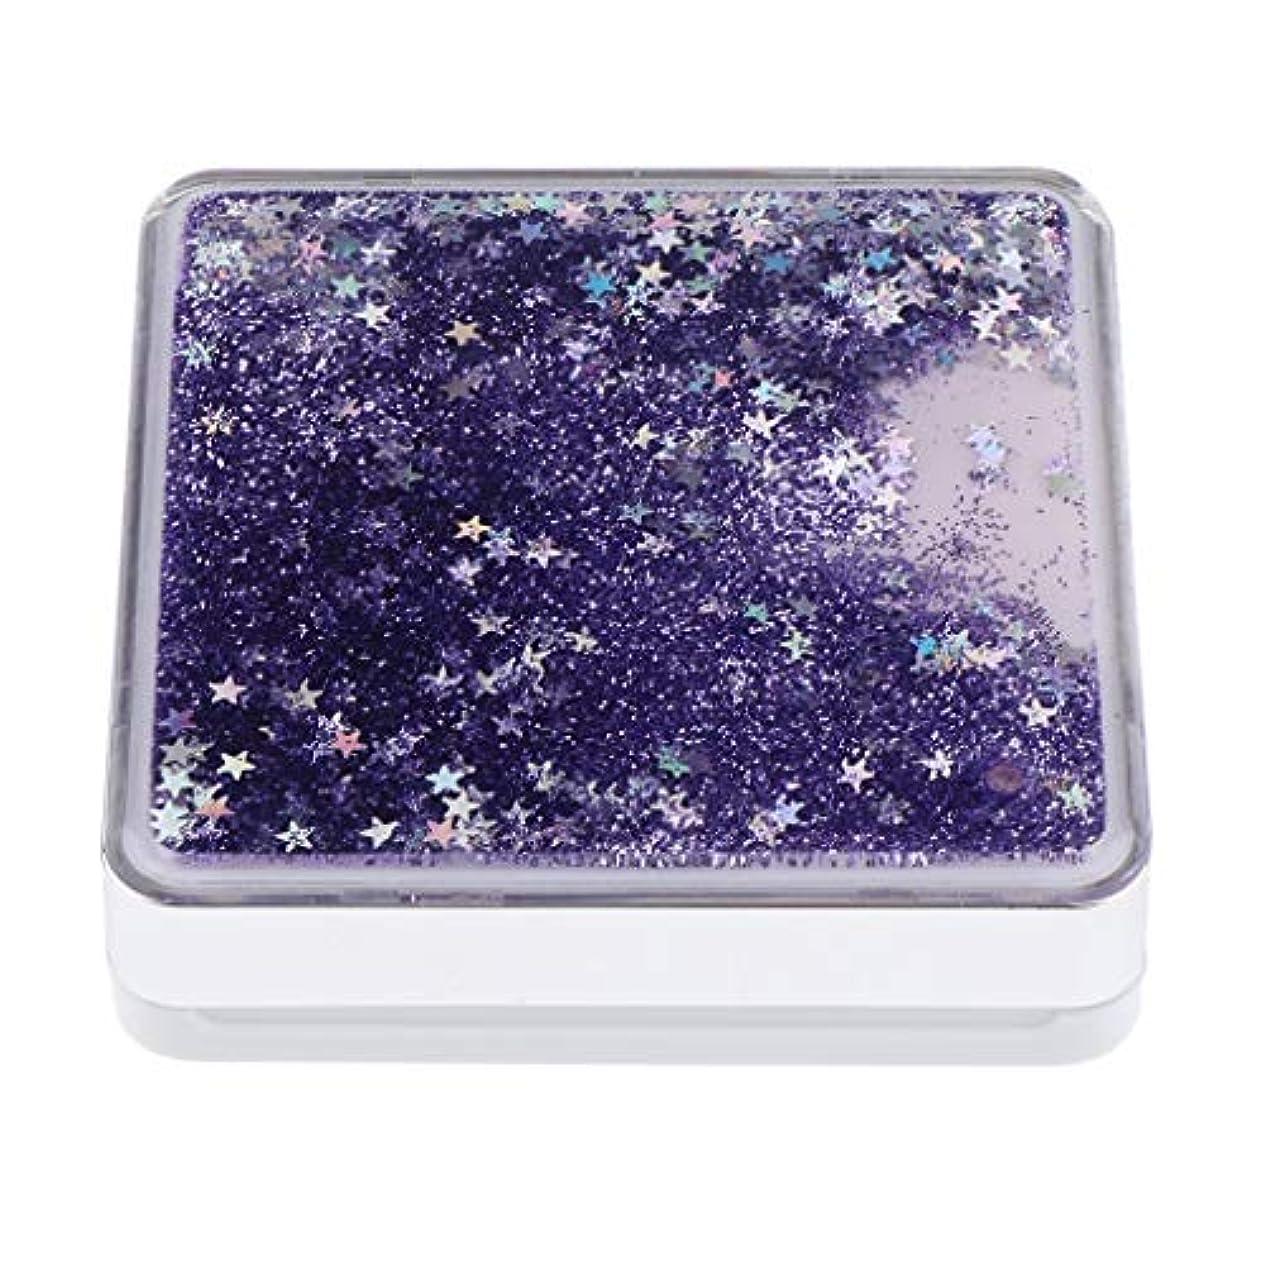 おもてなし男らしさコンパニオンエアクッションケース パフ 化粧鏡 ミラー付き コンパクト 旅行小物 化粧品ケース 3色選べ - 紫